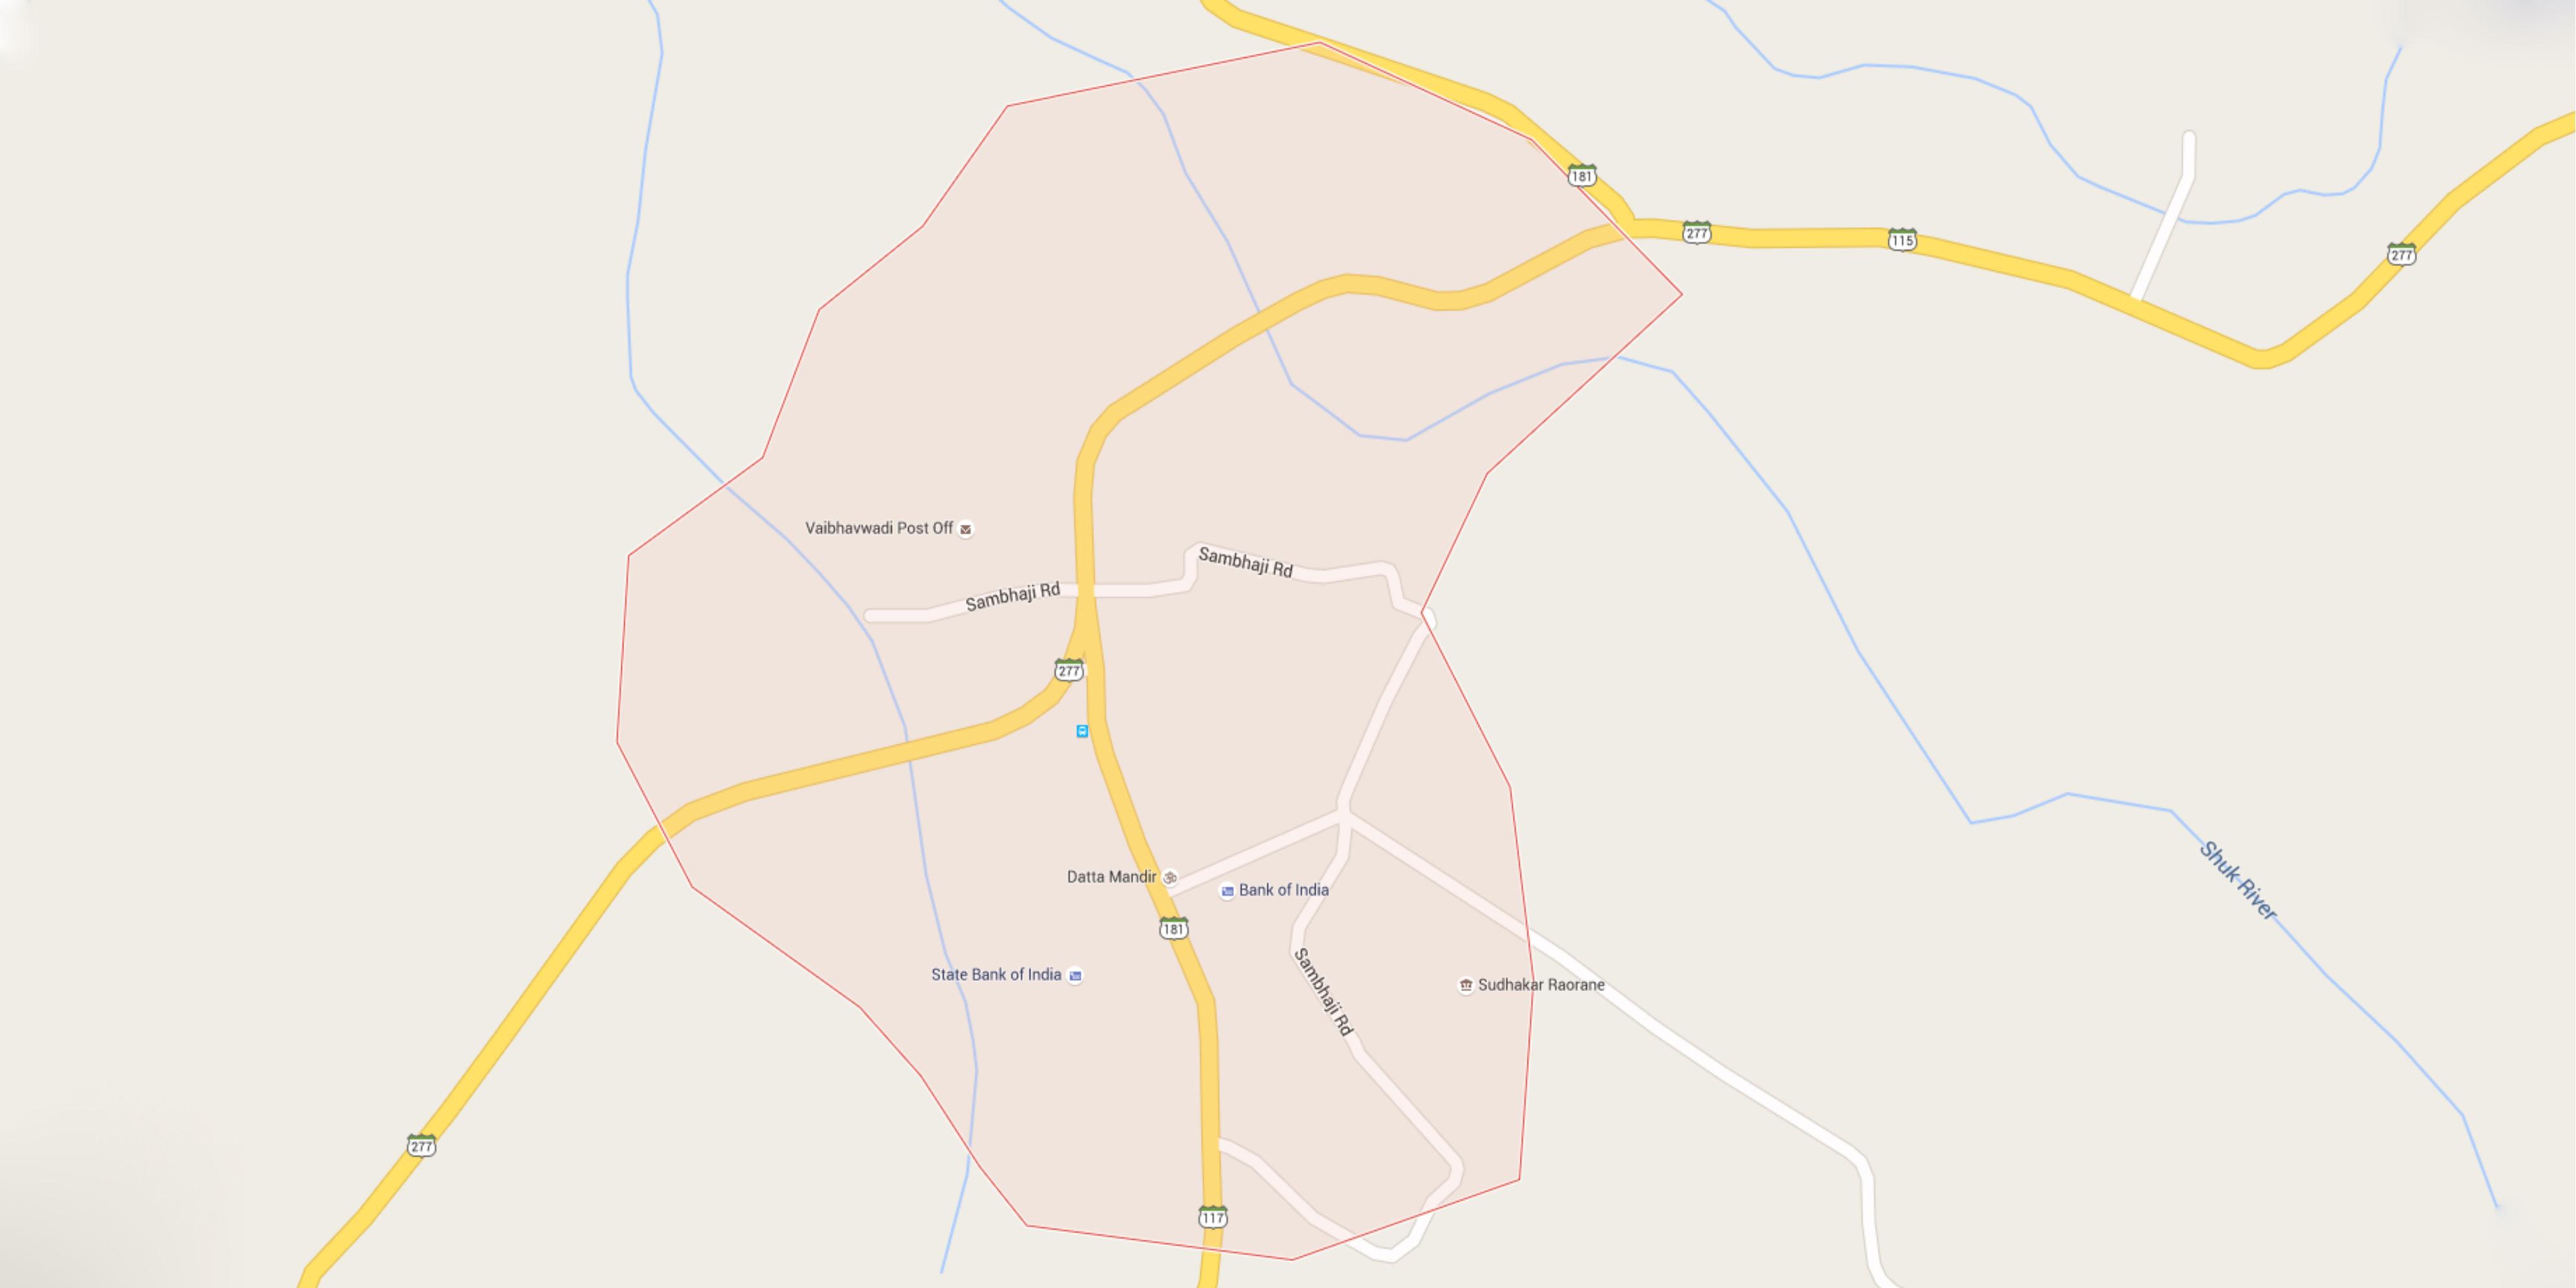 Vaibhvvadi